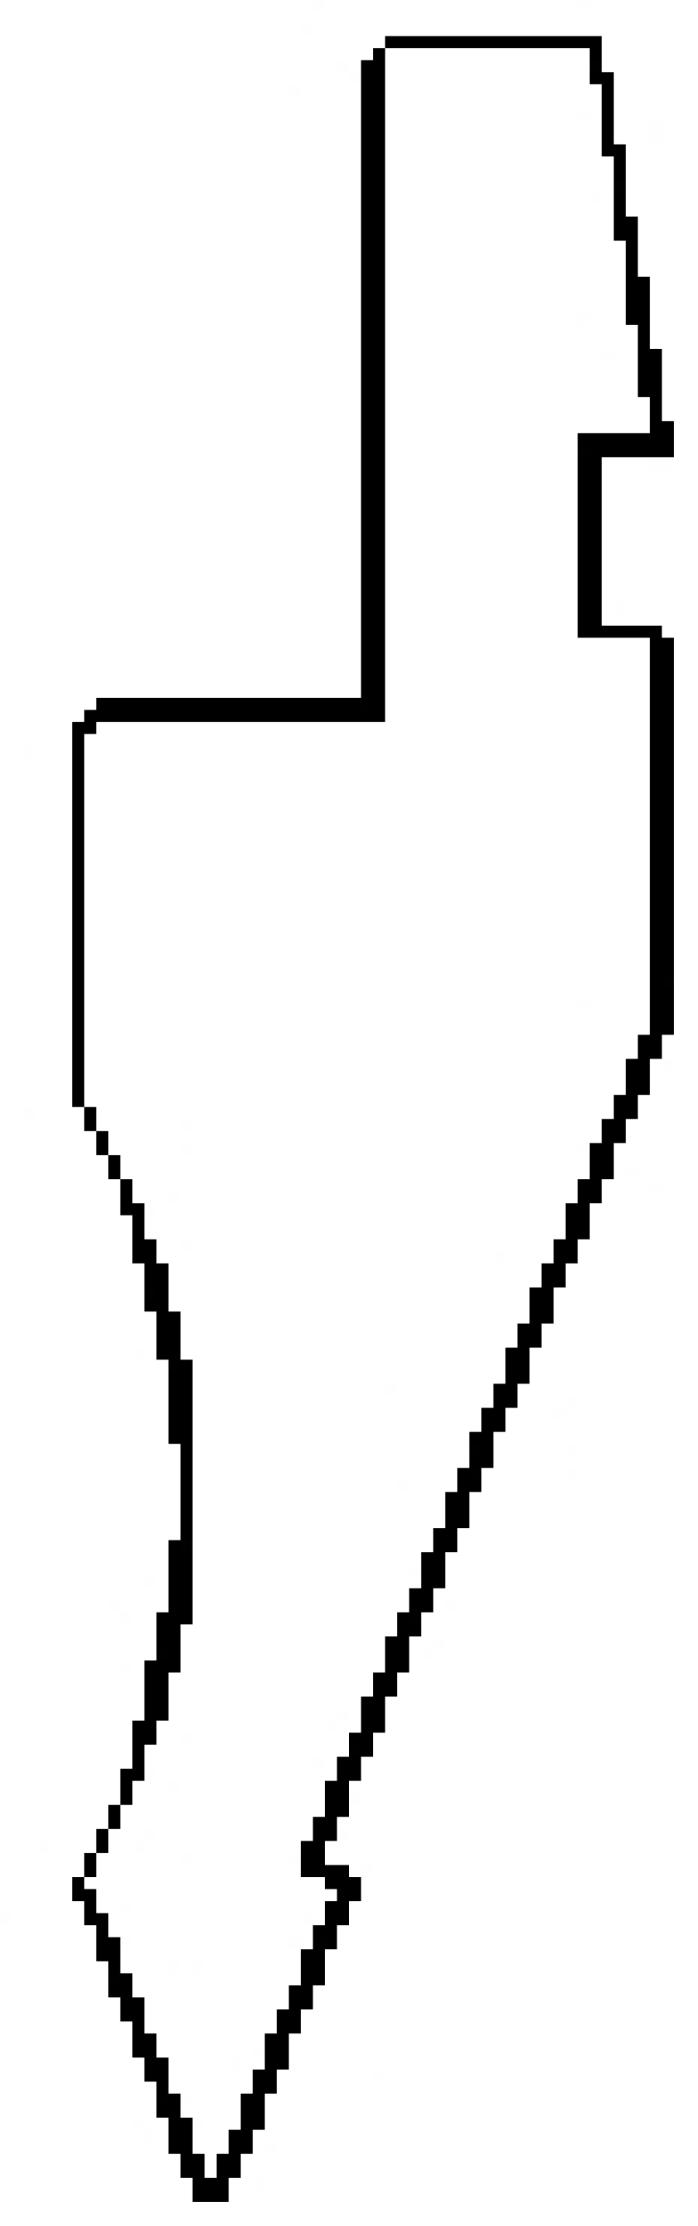 锐角直刀8(49)